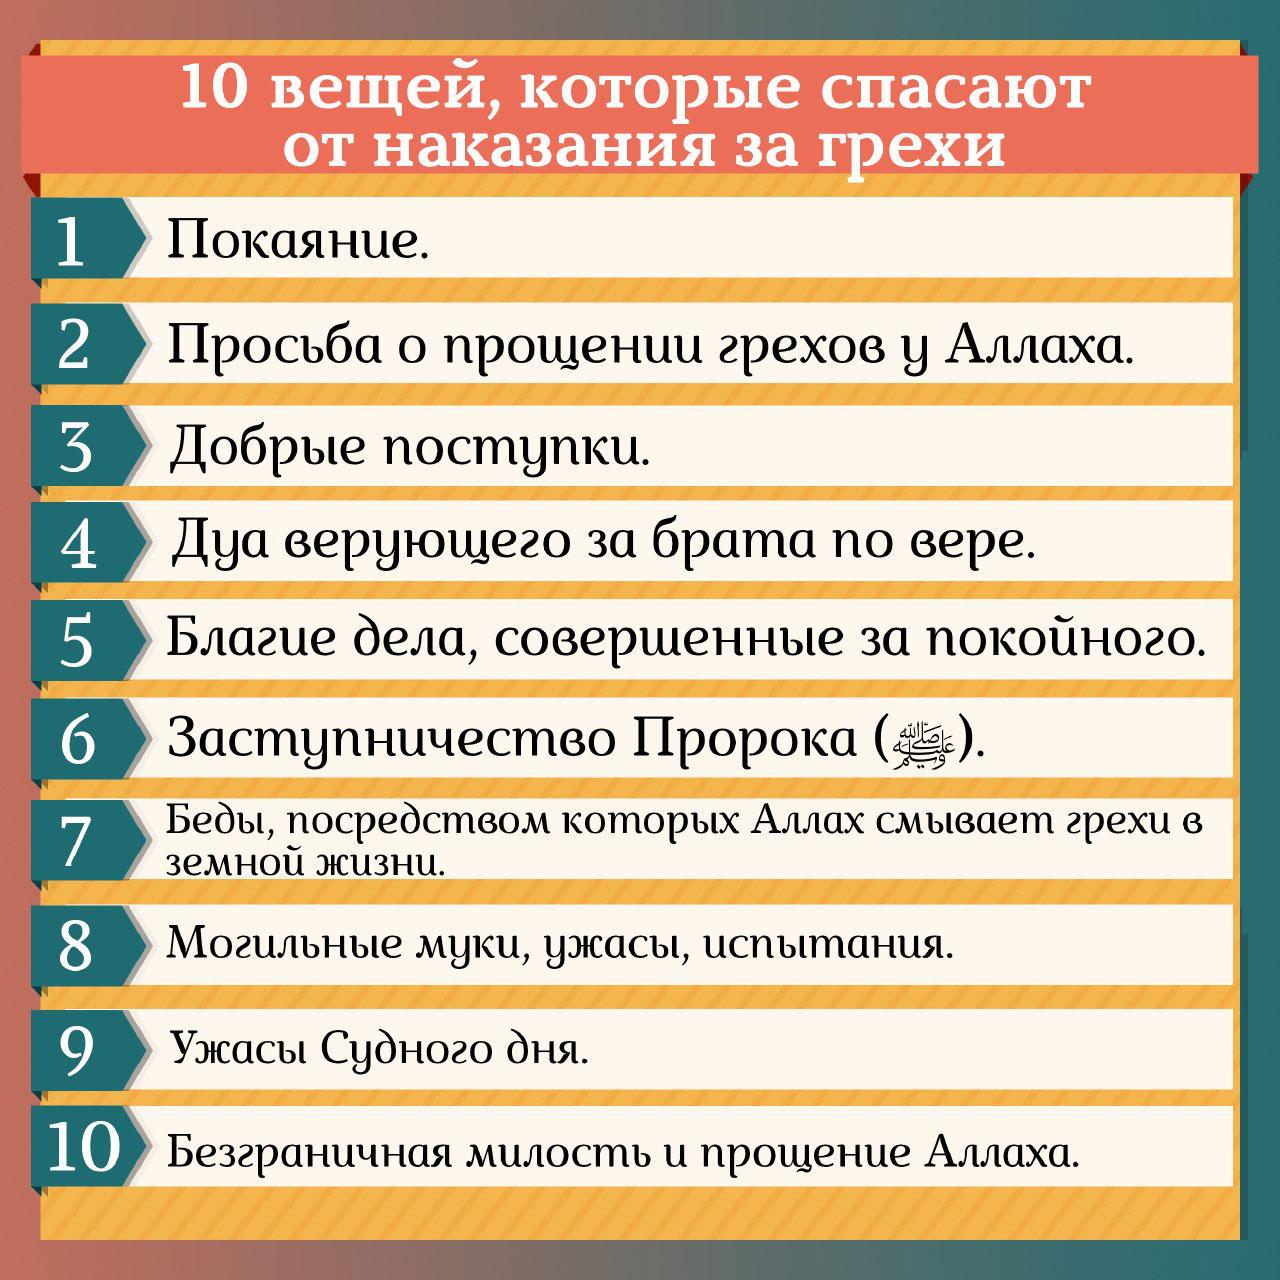 10 вещей, которые спасают от наказания за грехи